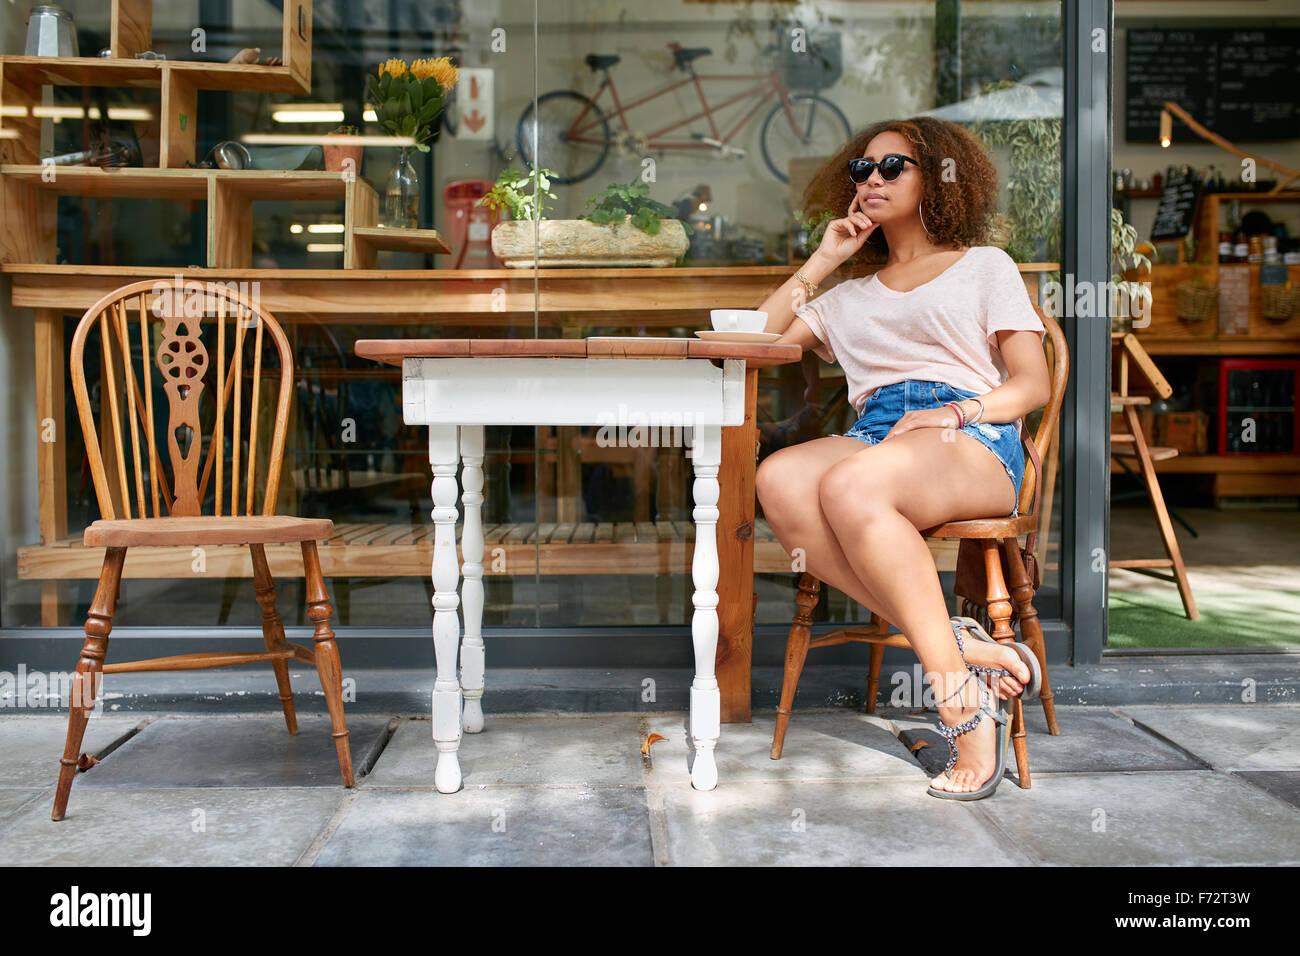 Porträt der stilvolle junge Frau sitzt allein im Freien am Straßencafé wegschauen und denken. Junge Stockbild